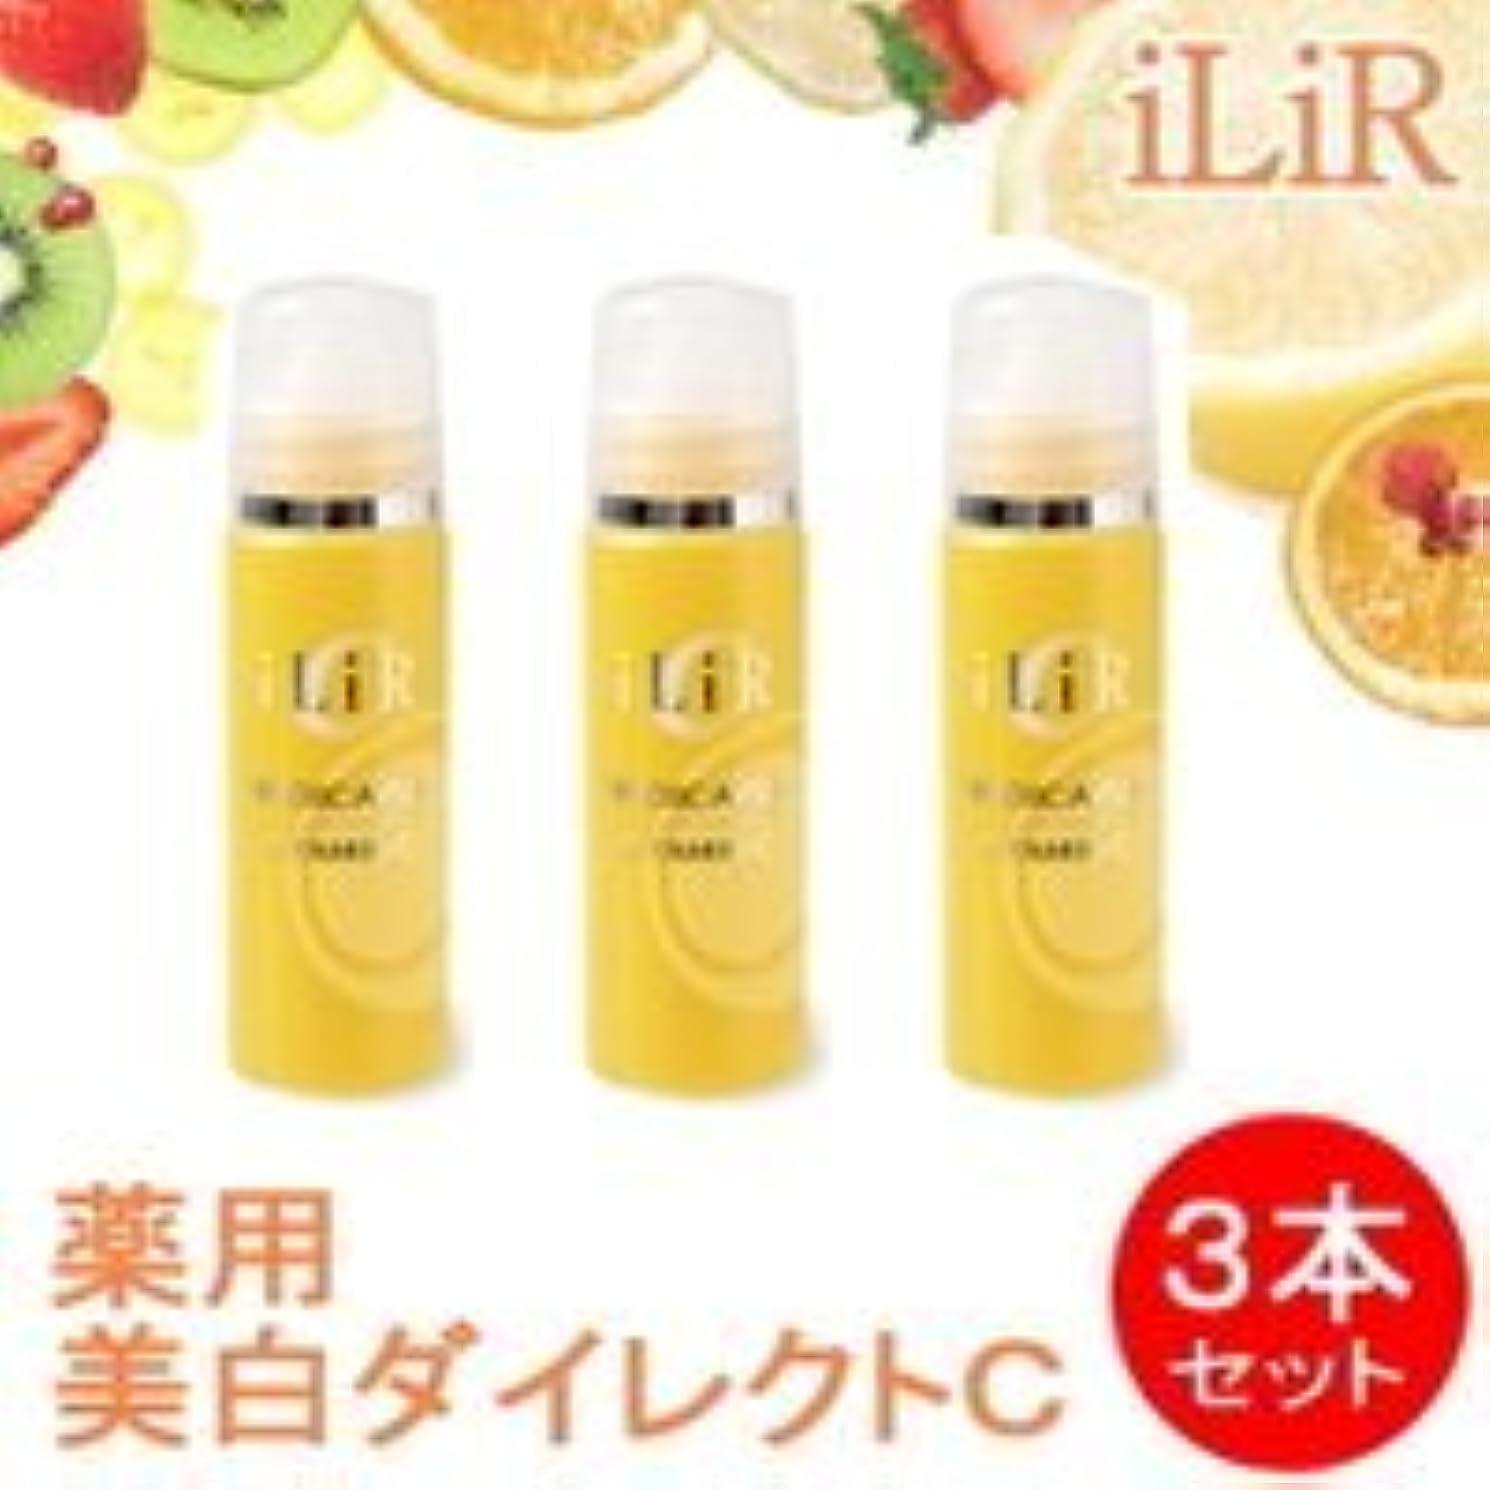 低下ショップ持続的イリアール 薬用美白ダイレクトC 3本入り 医薬部外品  独自製法のマイクロカプセルが、お肌に付けるまでビタミンCを新鮮に保存。 iLiR 美容液